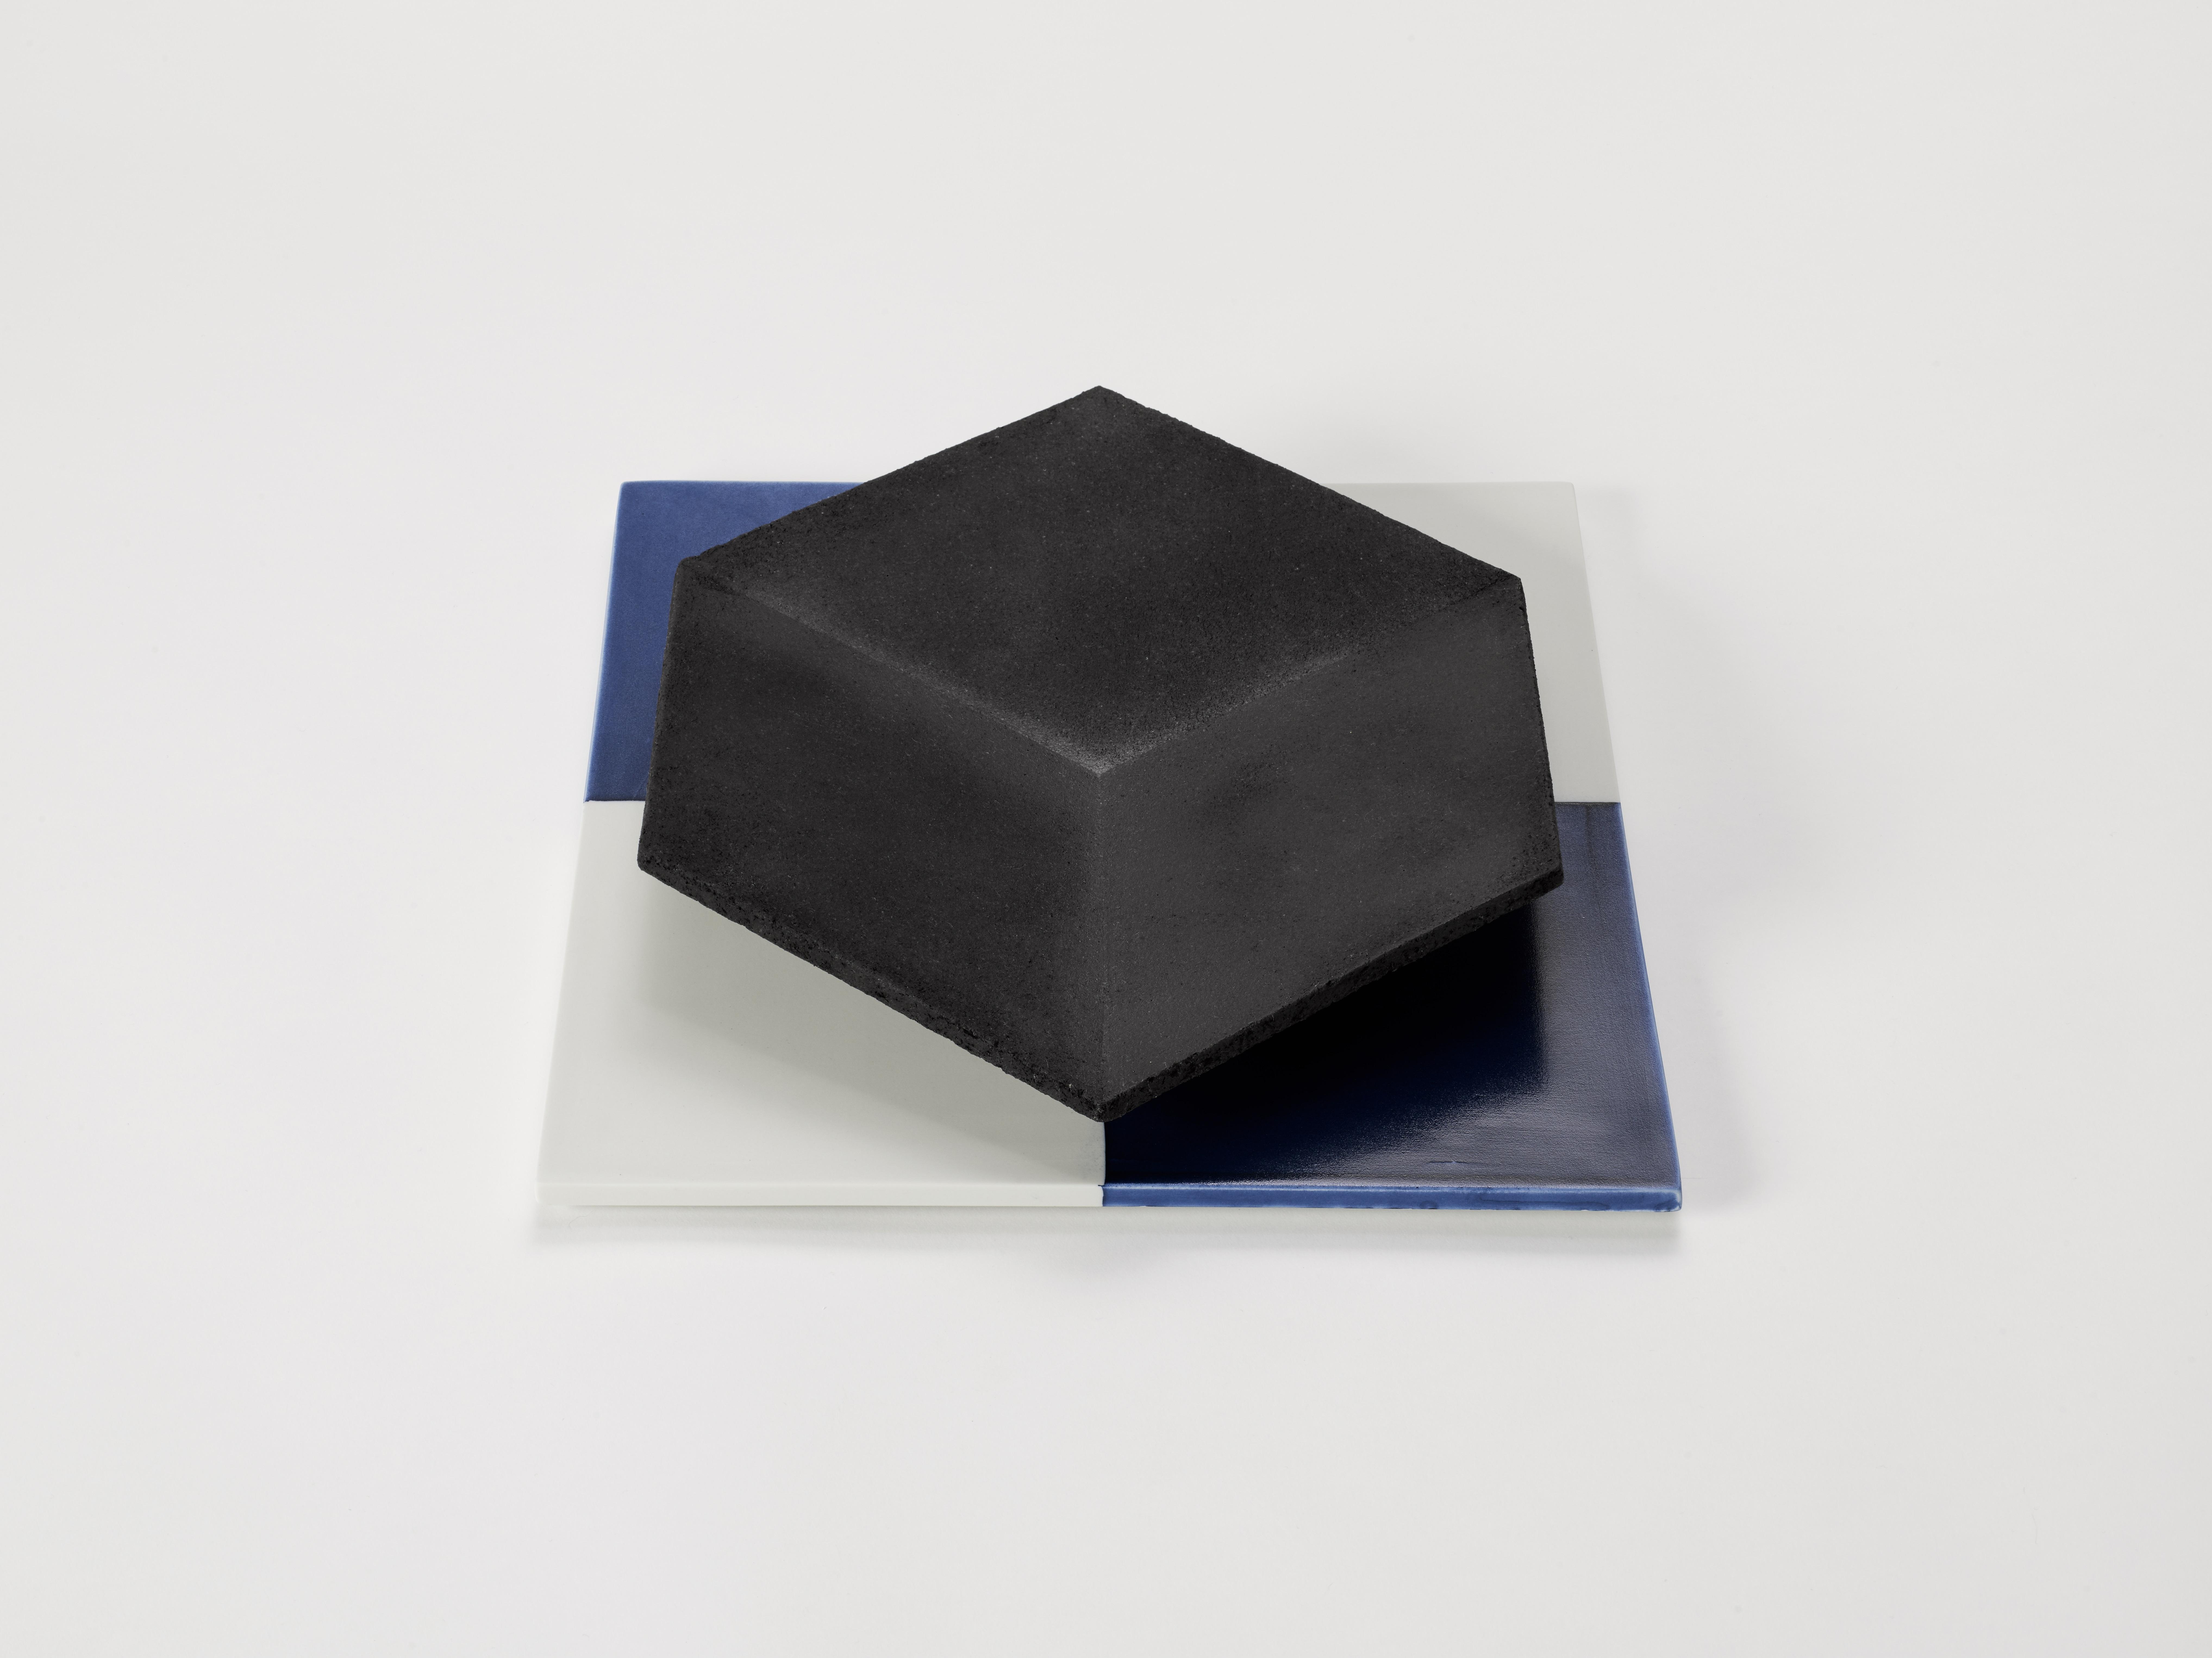 7. Margareta Daepp: Schwarzes Hexagon auf Quadrat